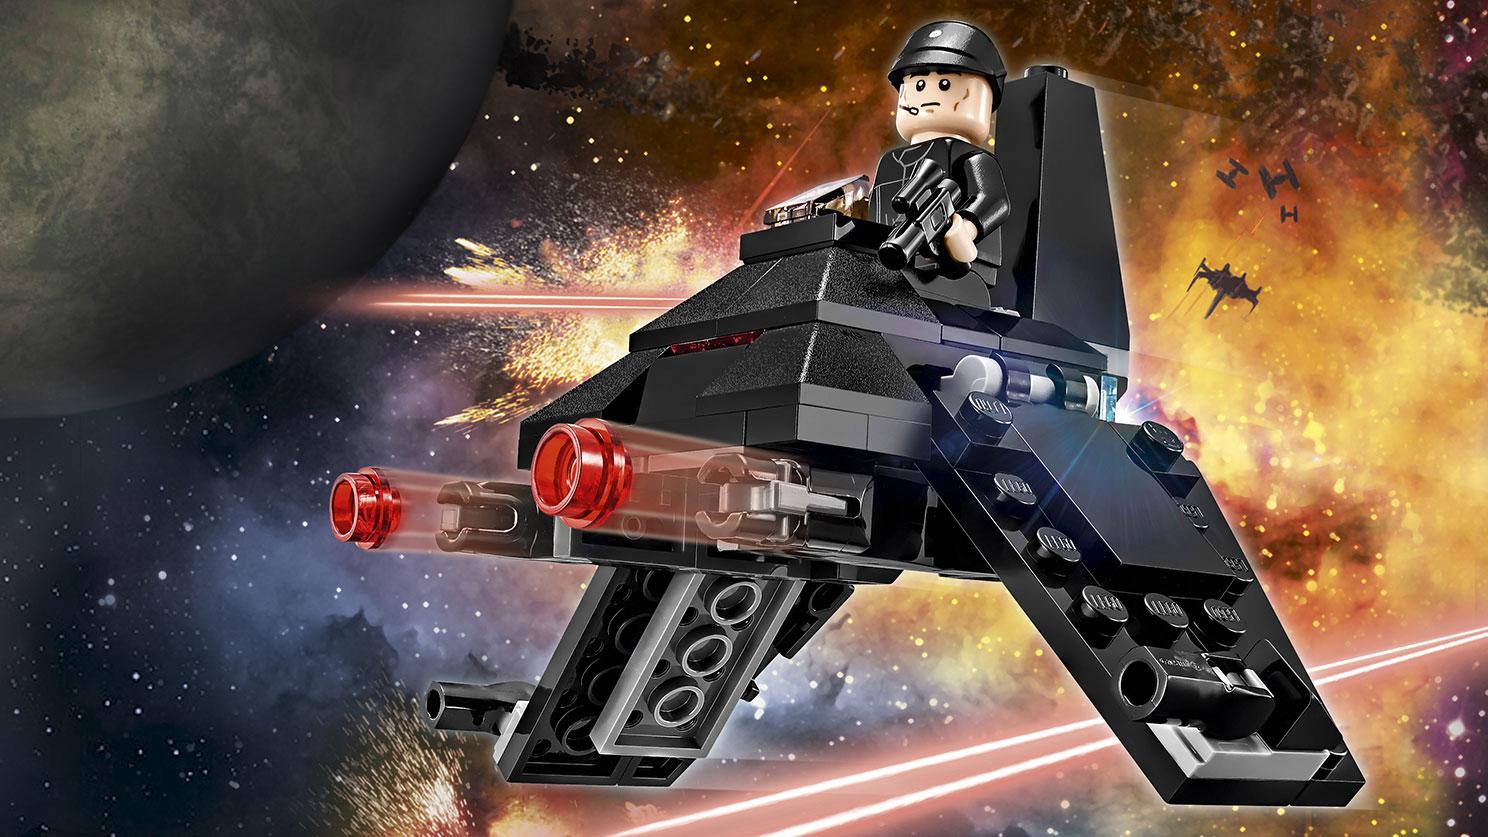 75163 Krennic's Imperial Shuttle